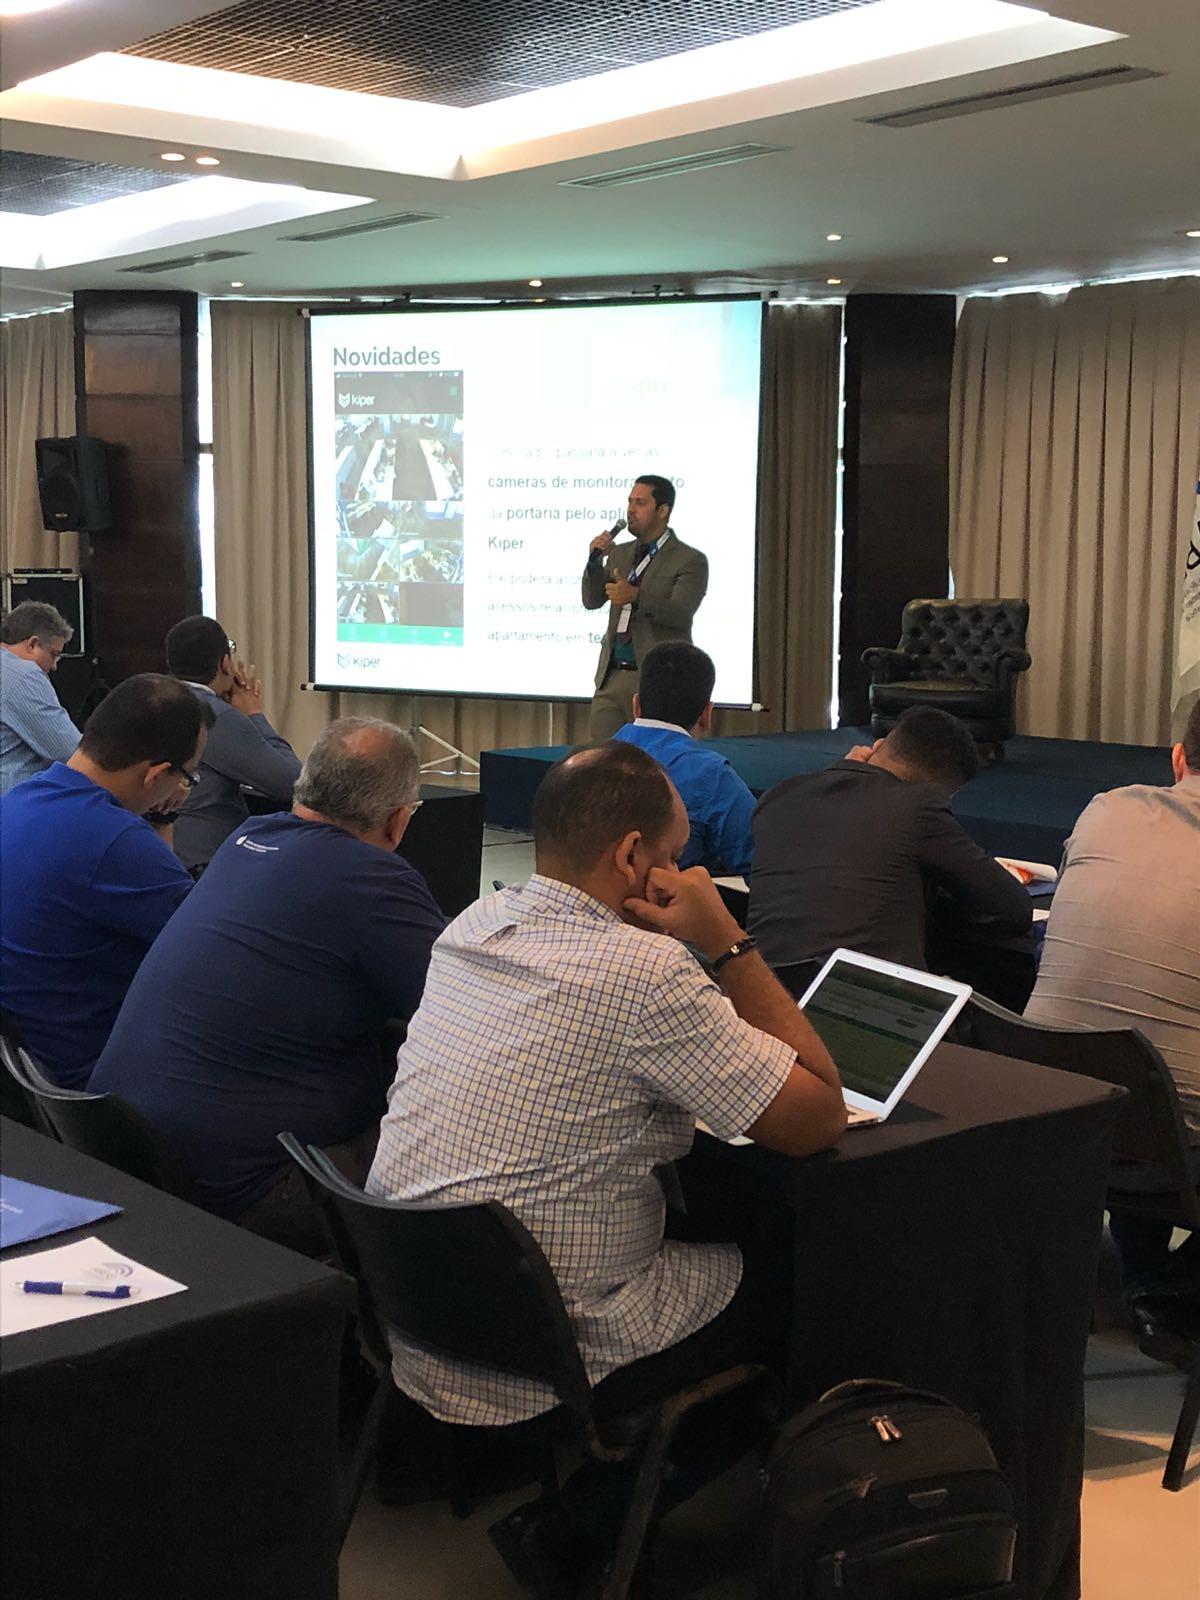 Simpósio Abese Maceió é marcado por novidades do setor de segurança eletrônica